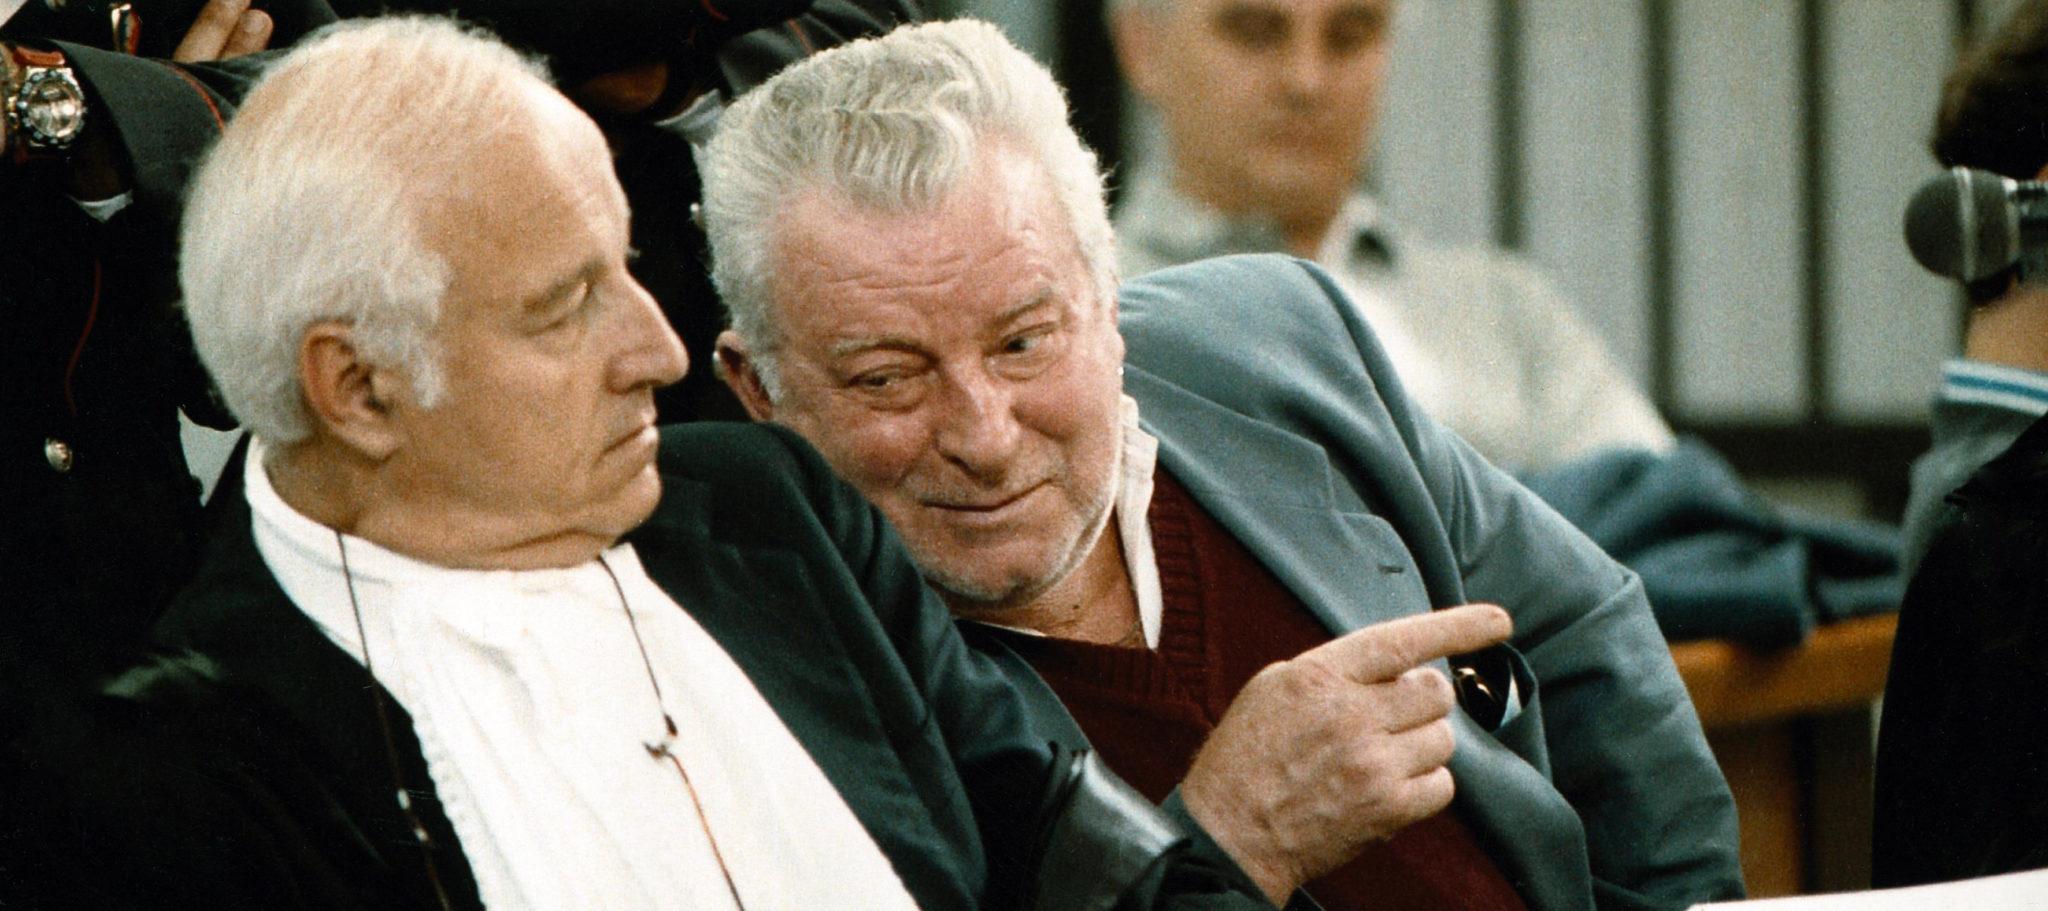 Pietro Pacciani en el juicio